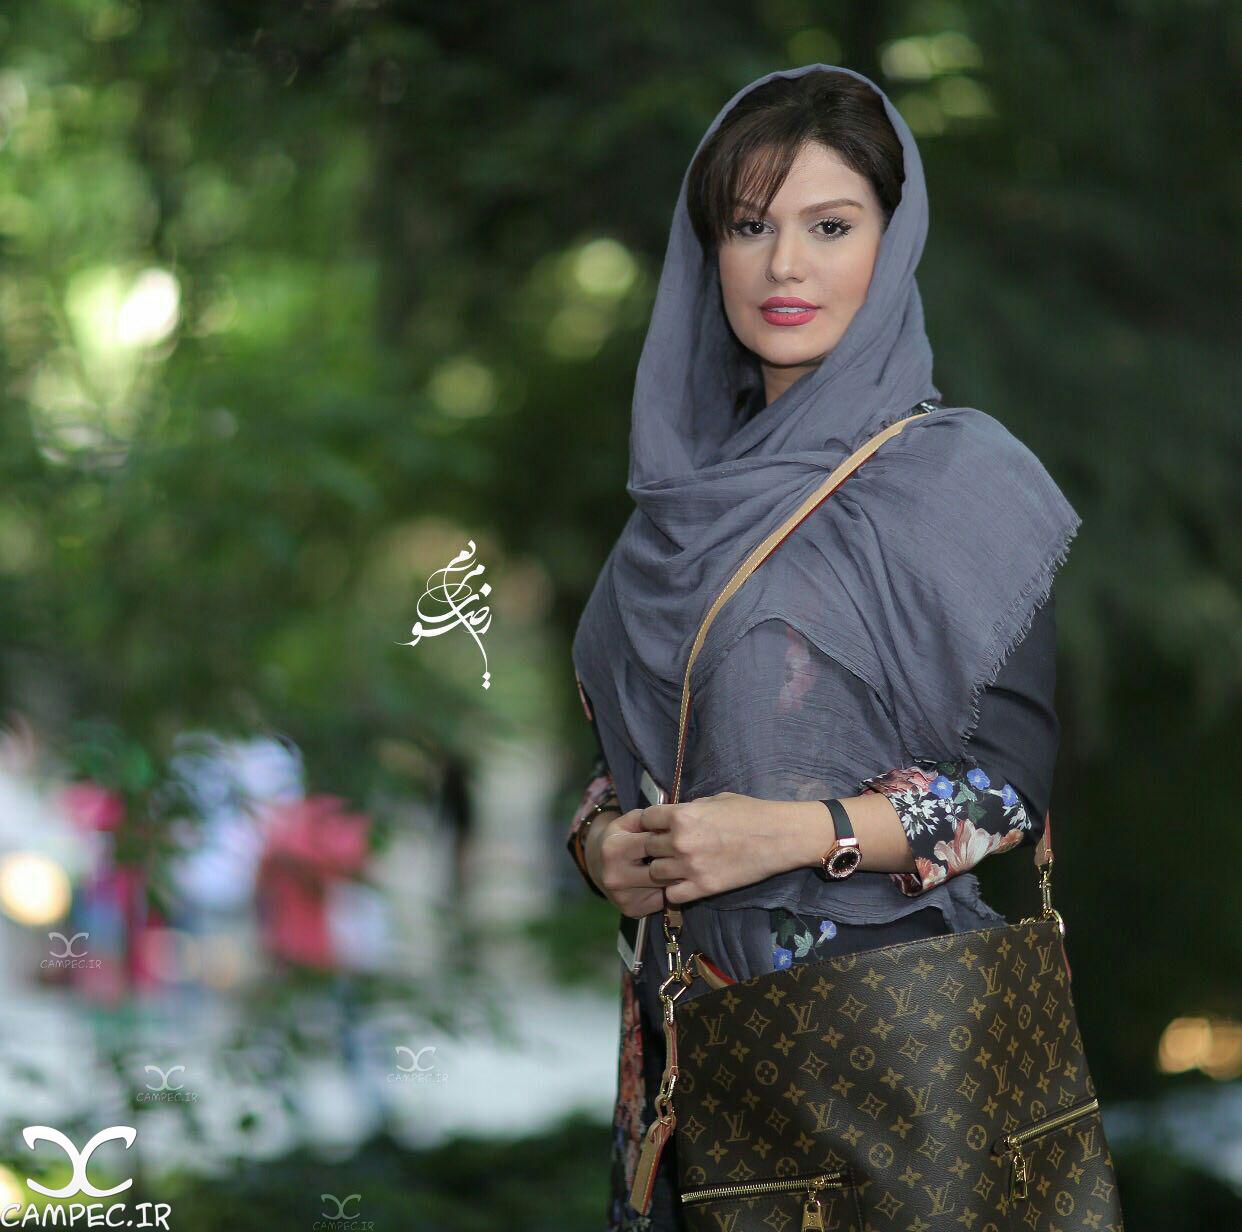 عکس زیبای رز رضوی خرداد 95